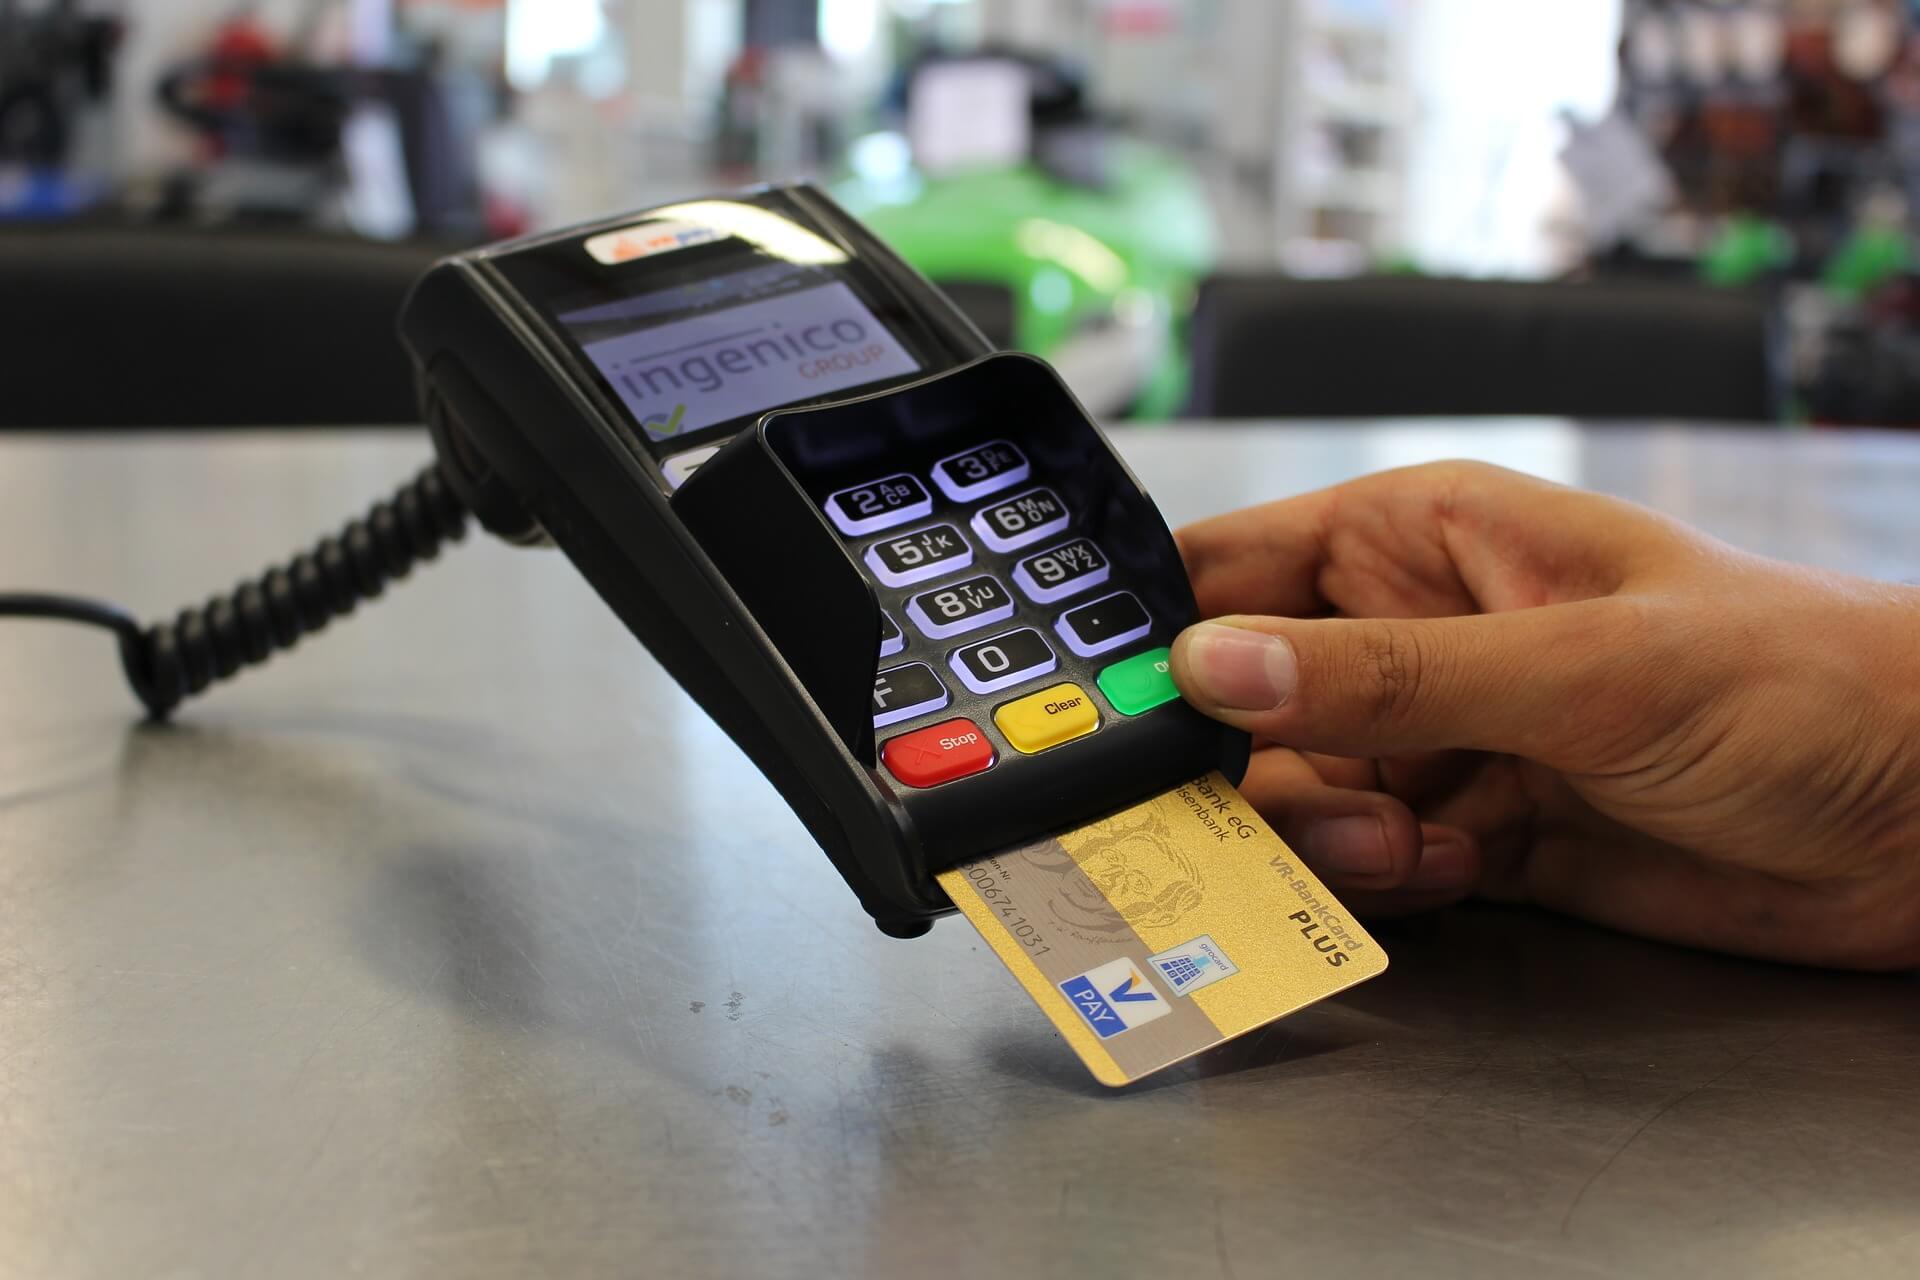 Торговый, мобильный и интернет-эквайринг: что это такое, как выбрать тарифы и подключить